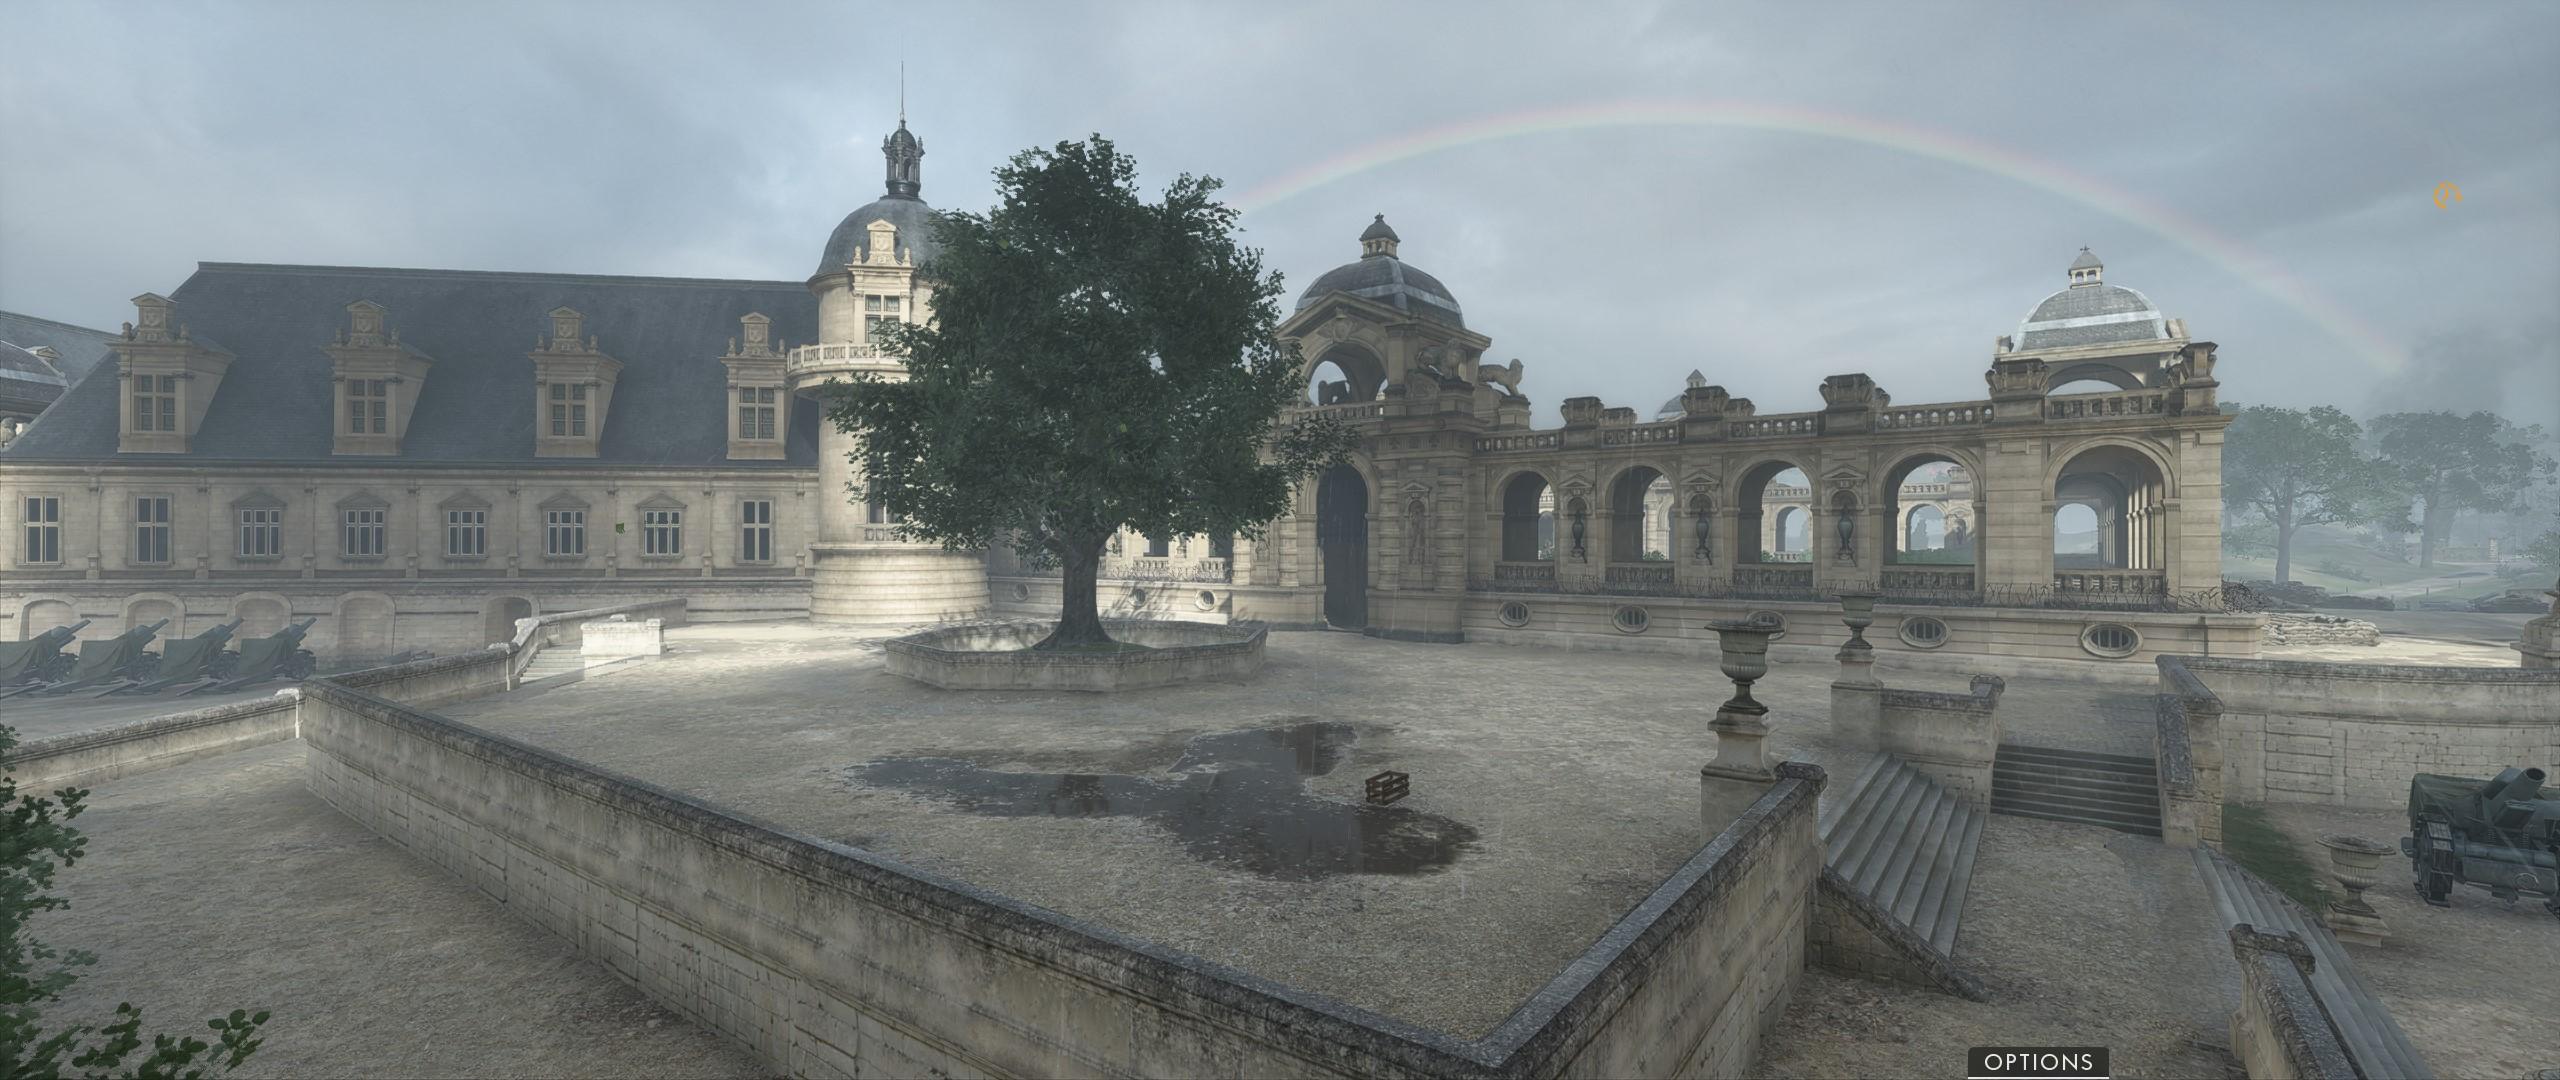 chateau (22).jpg